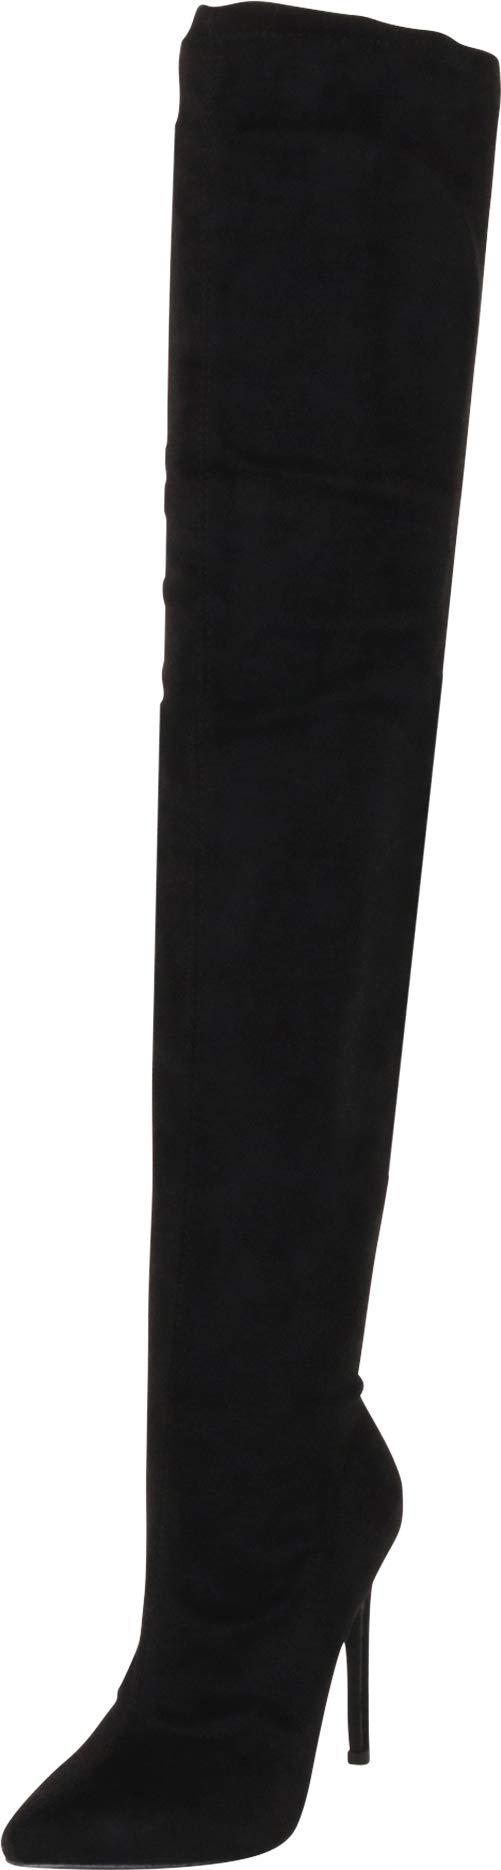 Liliana Women Pointy Single Stiletto